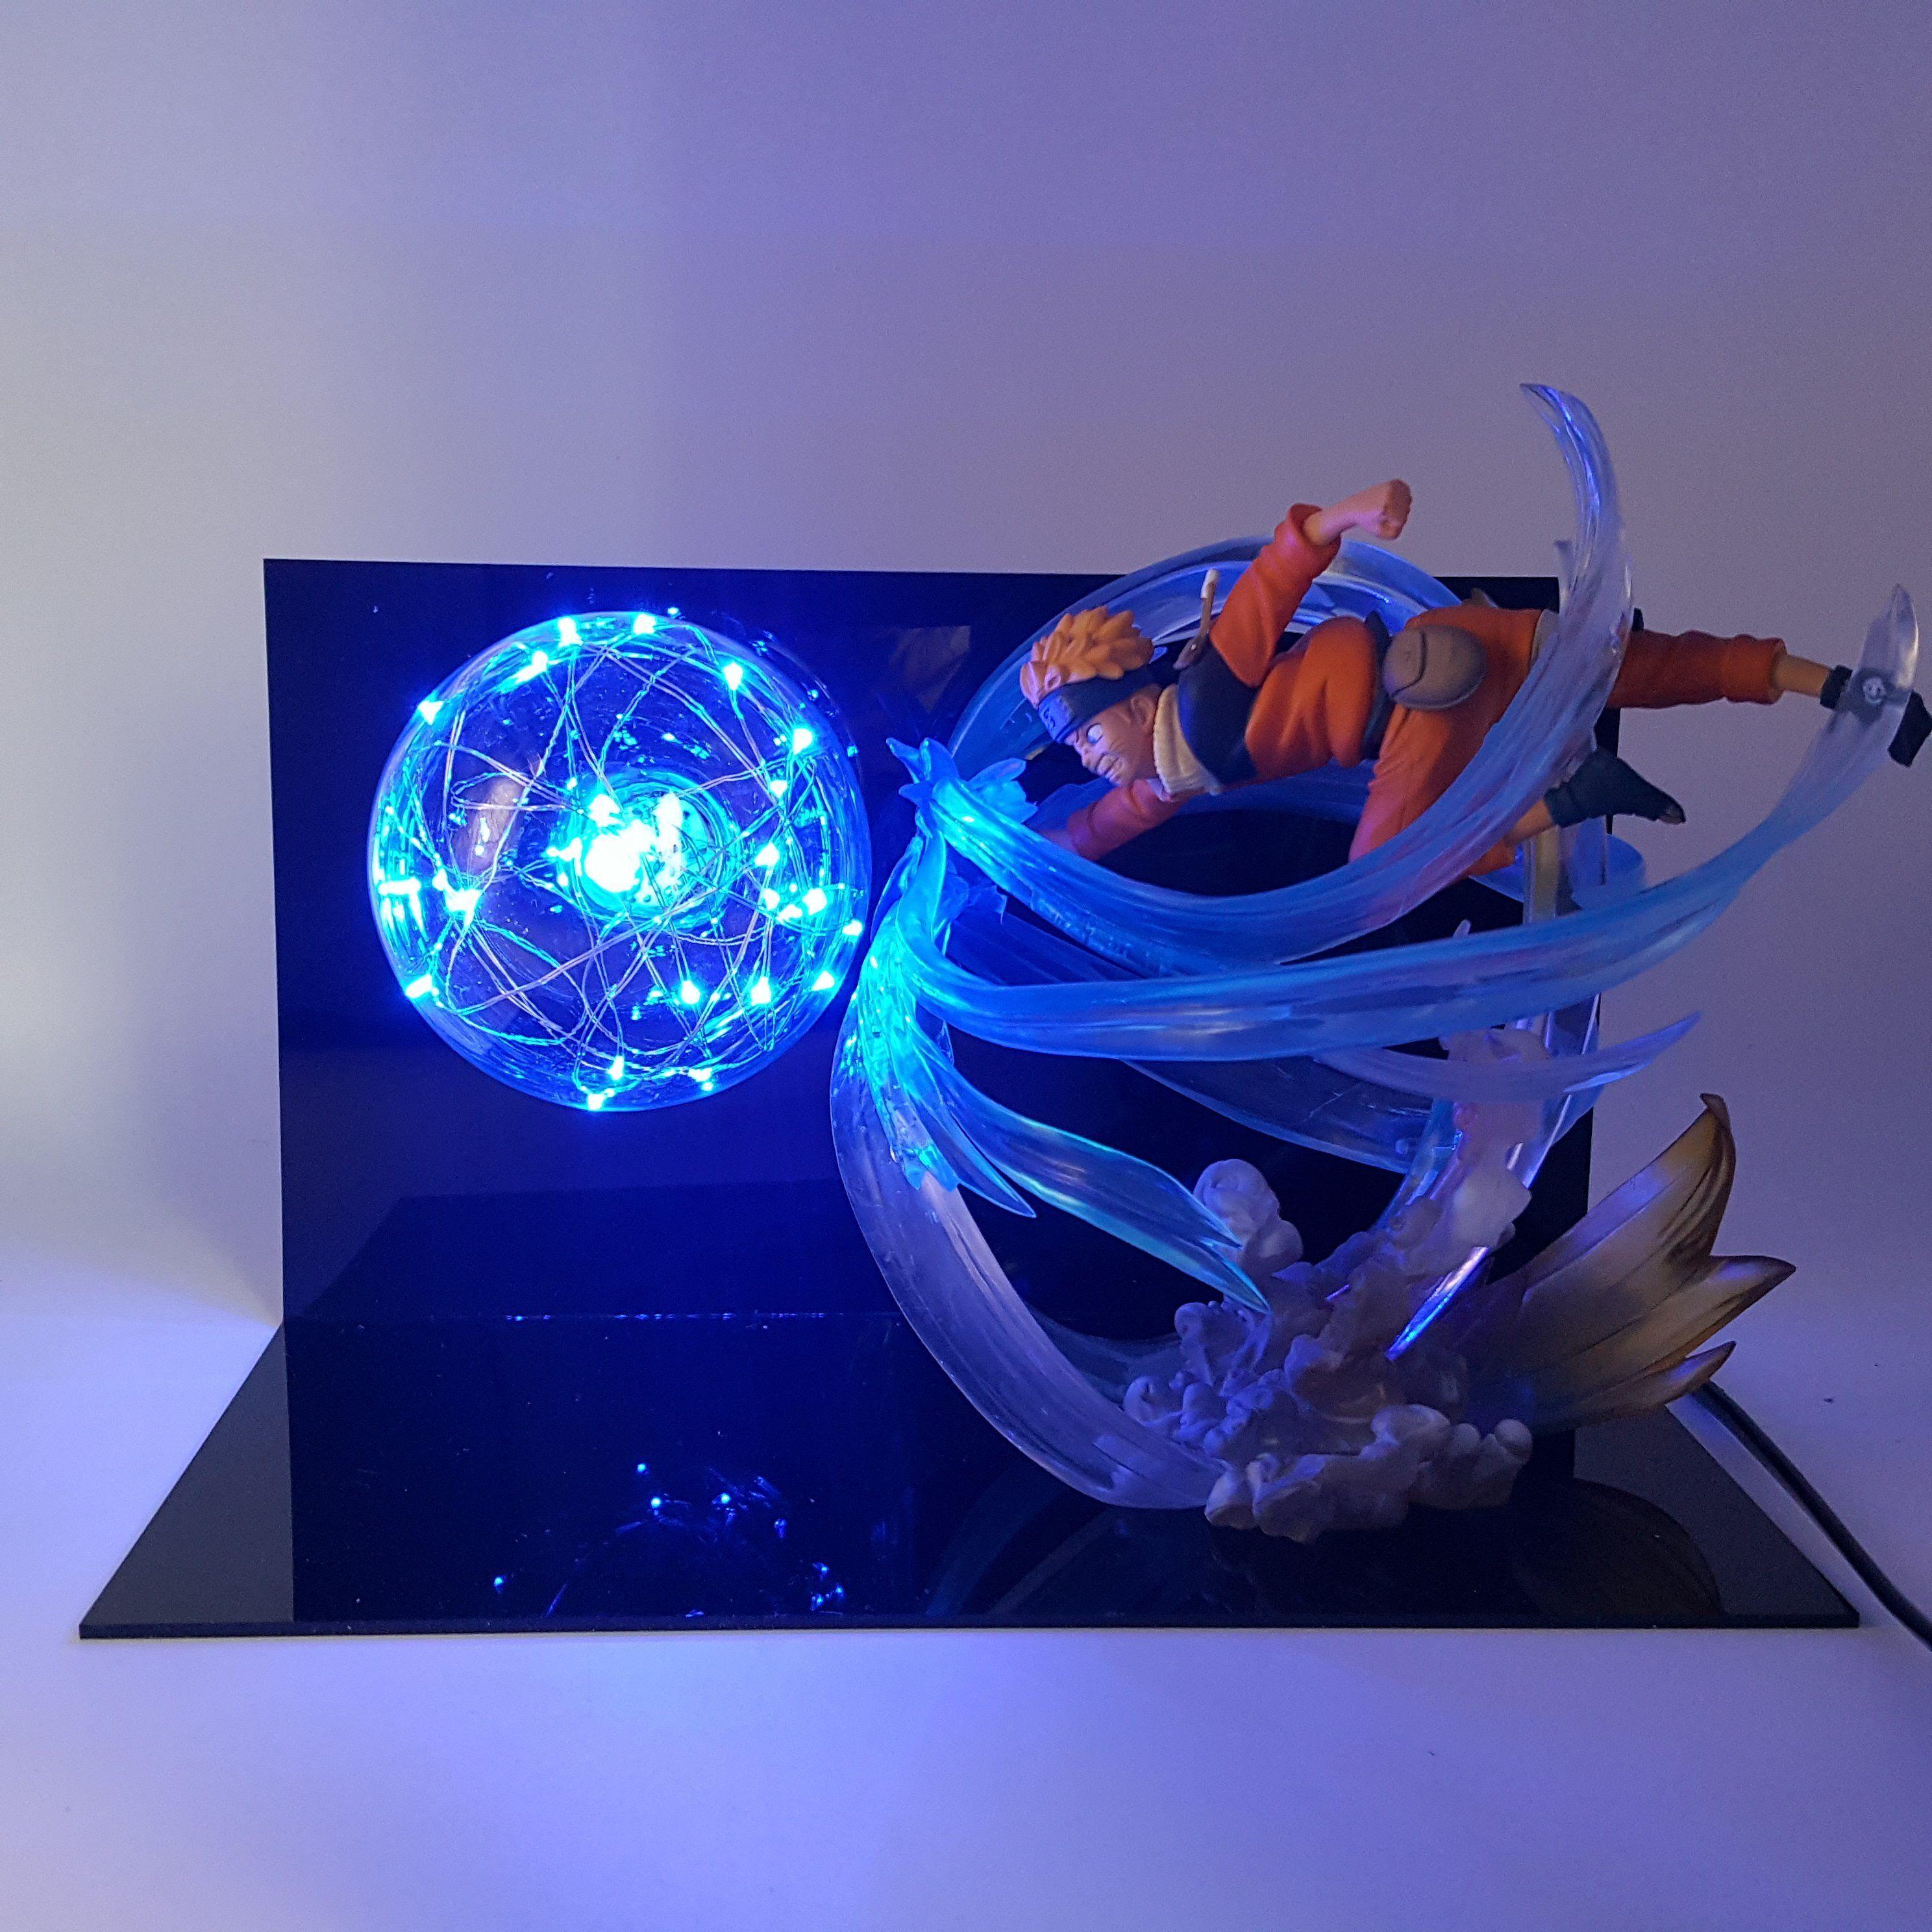 Naruto Blue Lamp Anime Anime Naruto Anime Gifts